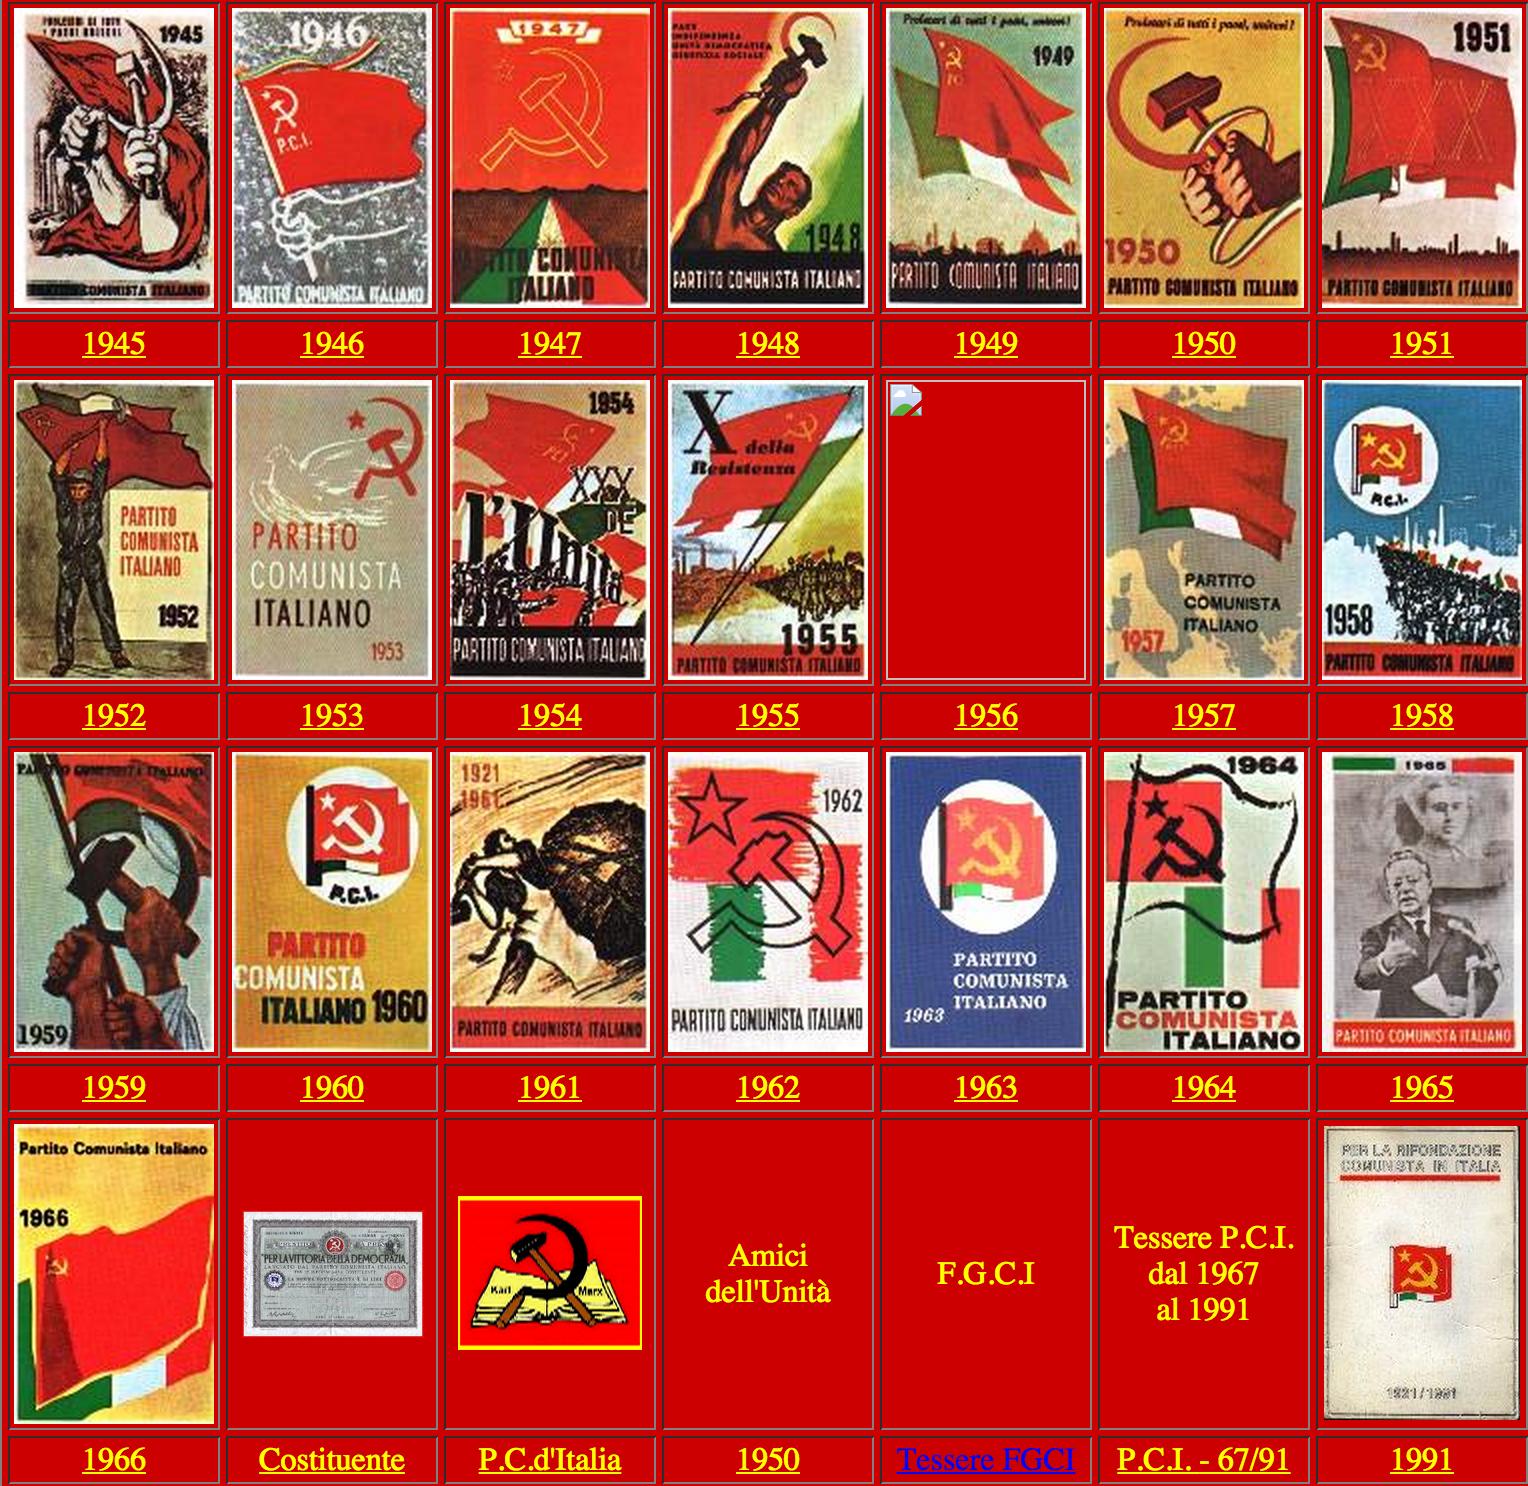 Tessere P.C.I. dal 1945 al 1966